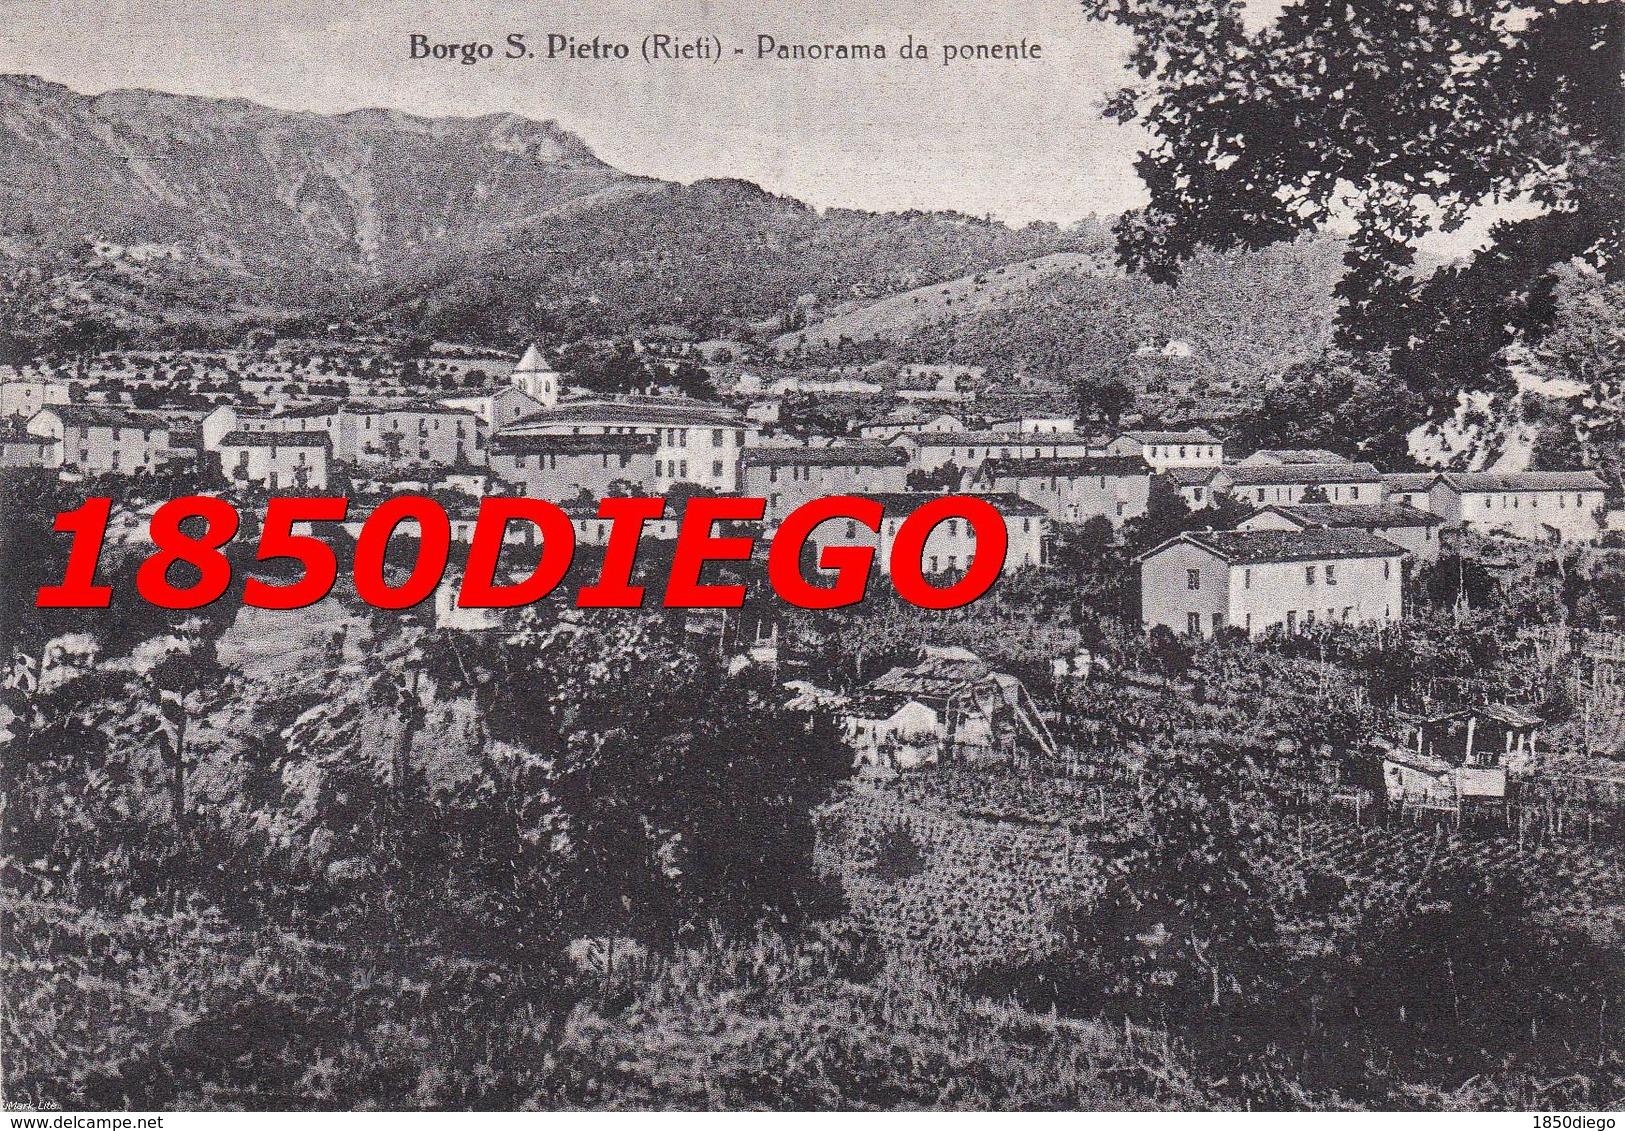 BORGO S. PIETRO - PANORAMA DA PONENTE F/GRANDE VIAGGIATA 1956 - Rieti